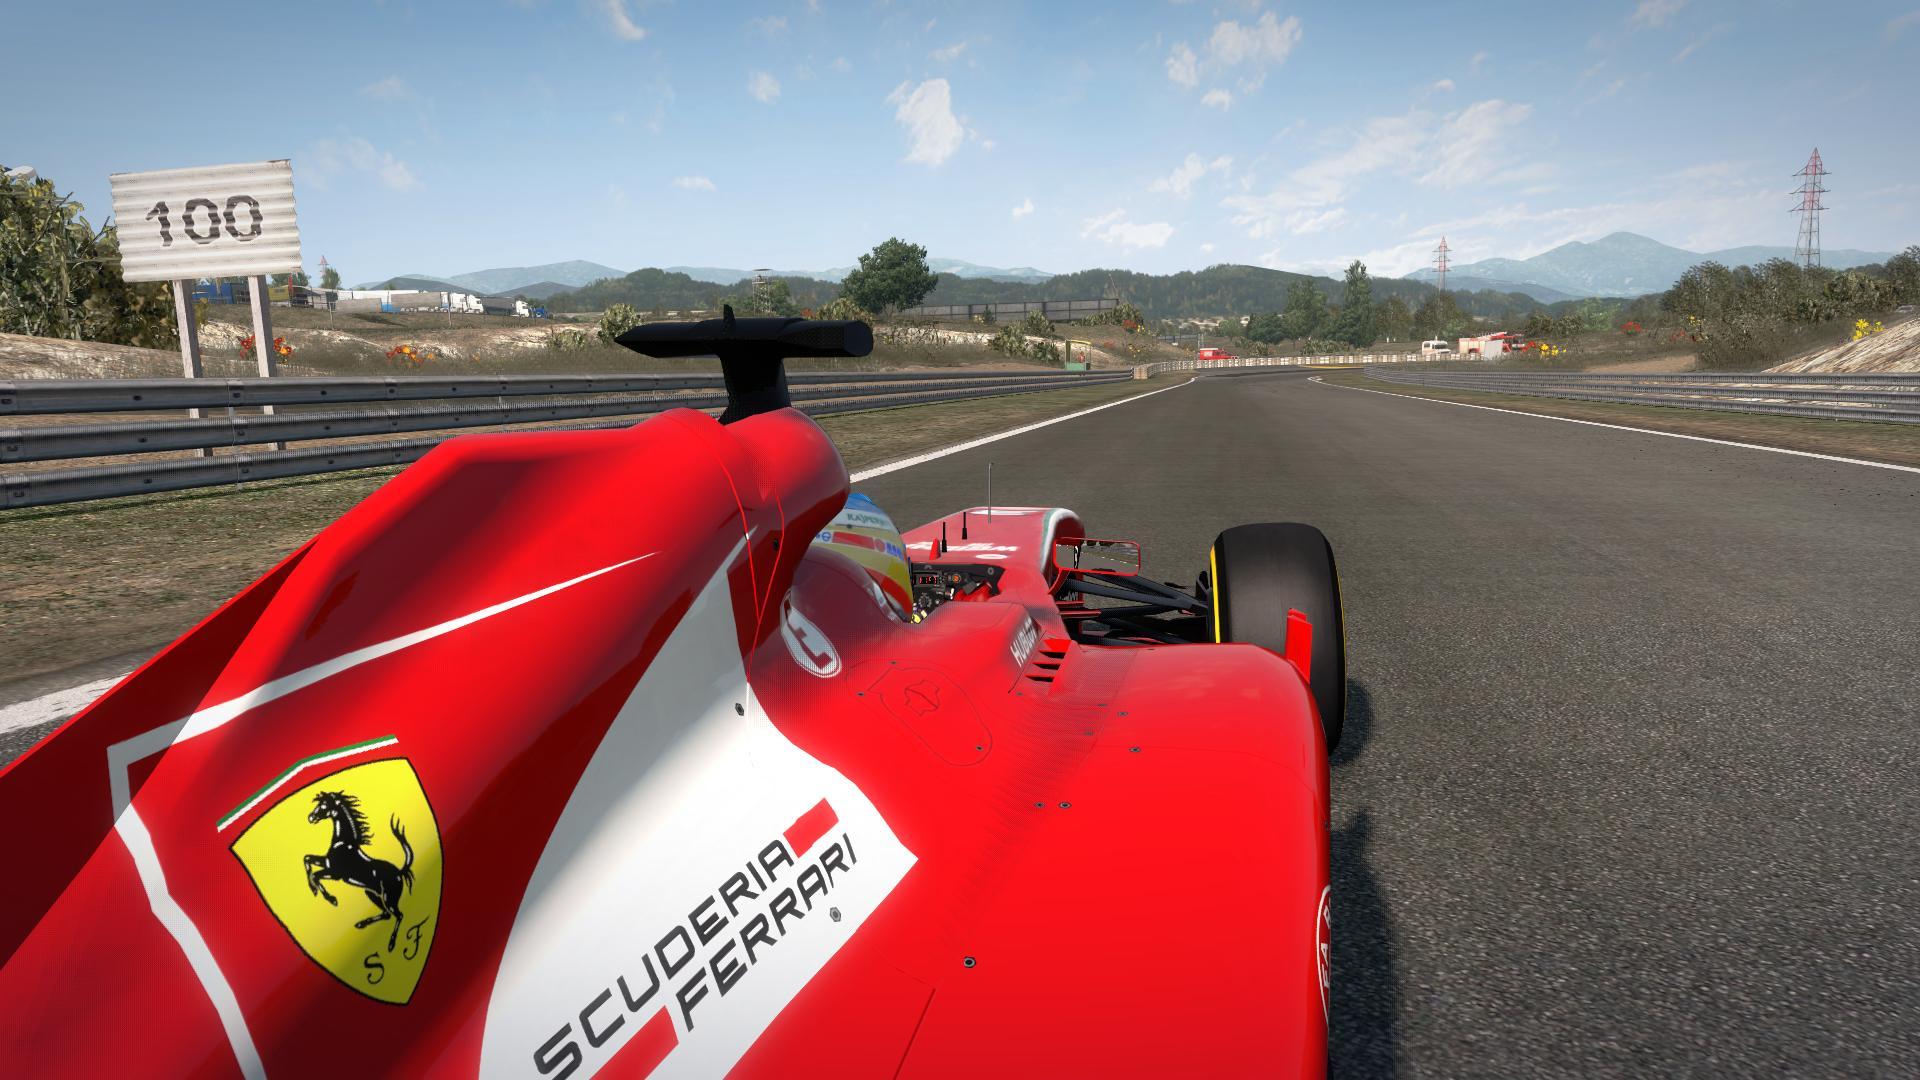 F1_2013 2016-07-19 15-28-35-64.jpg